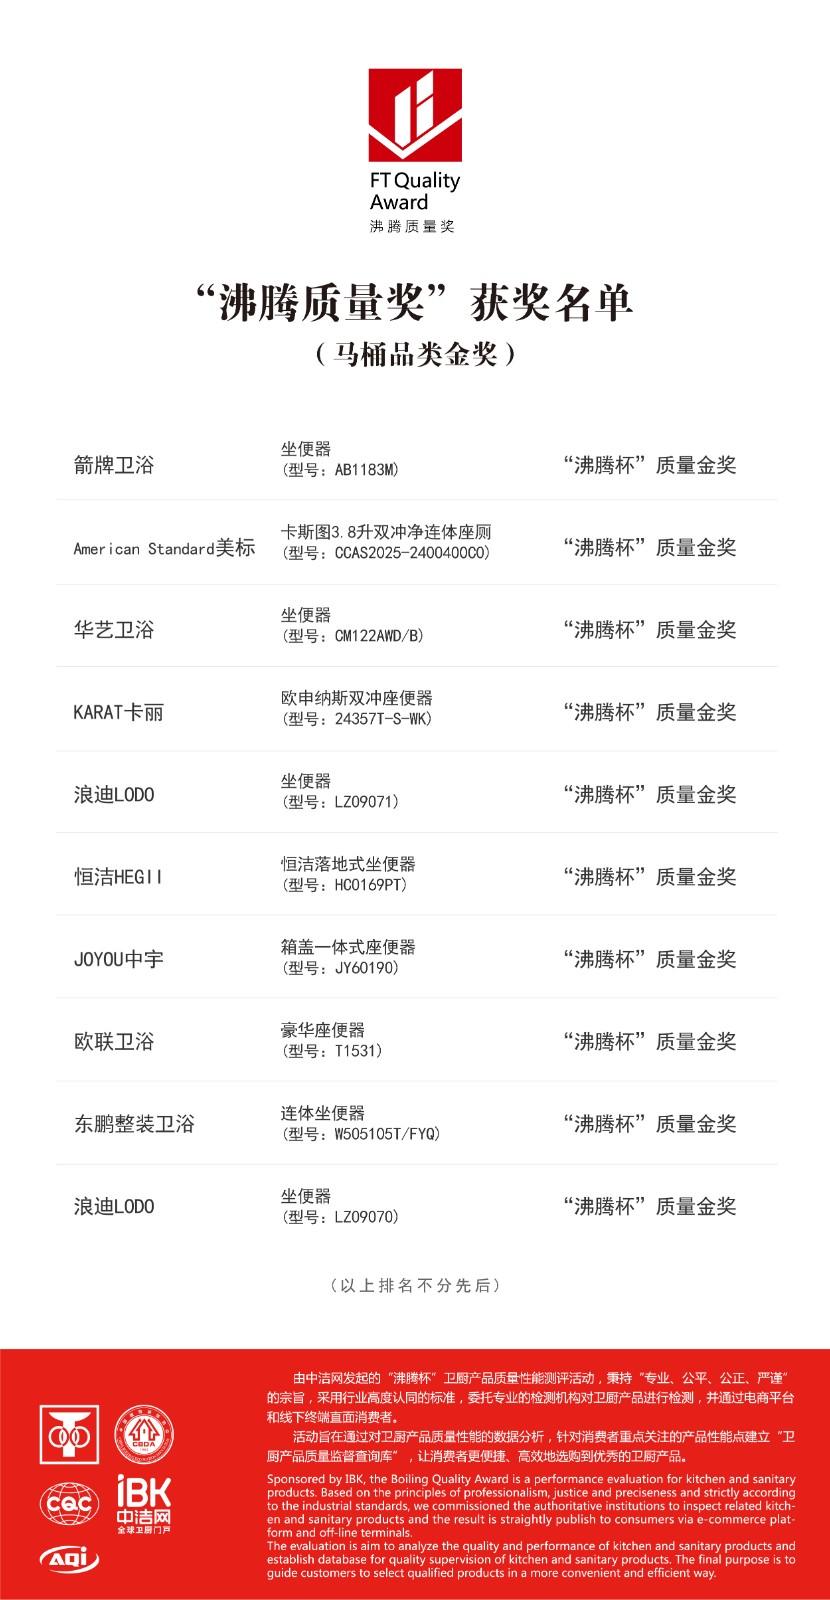 2019马桶金奖榜单.jpg